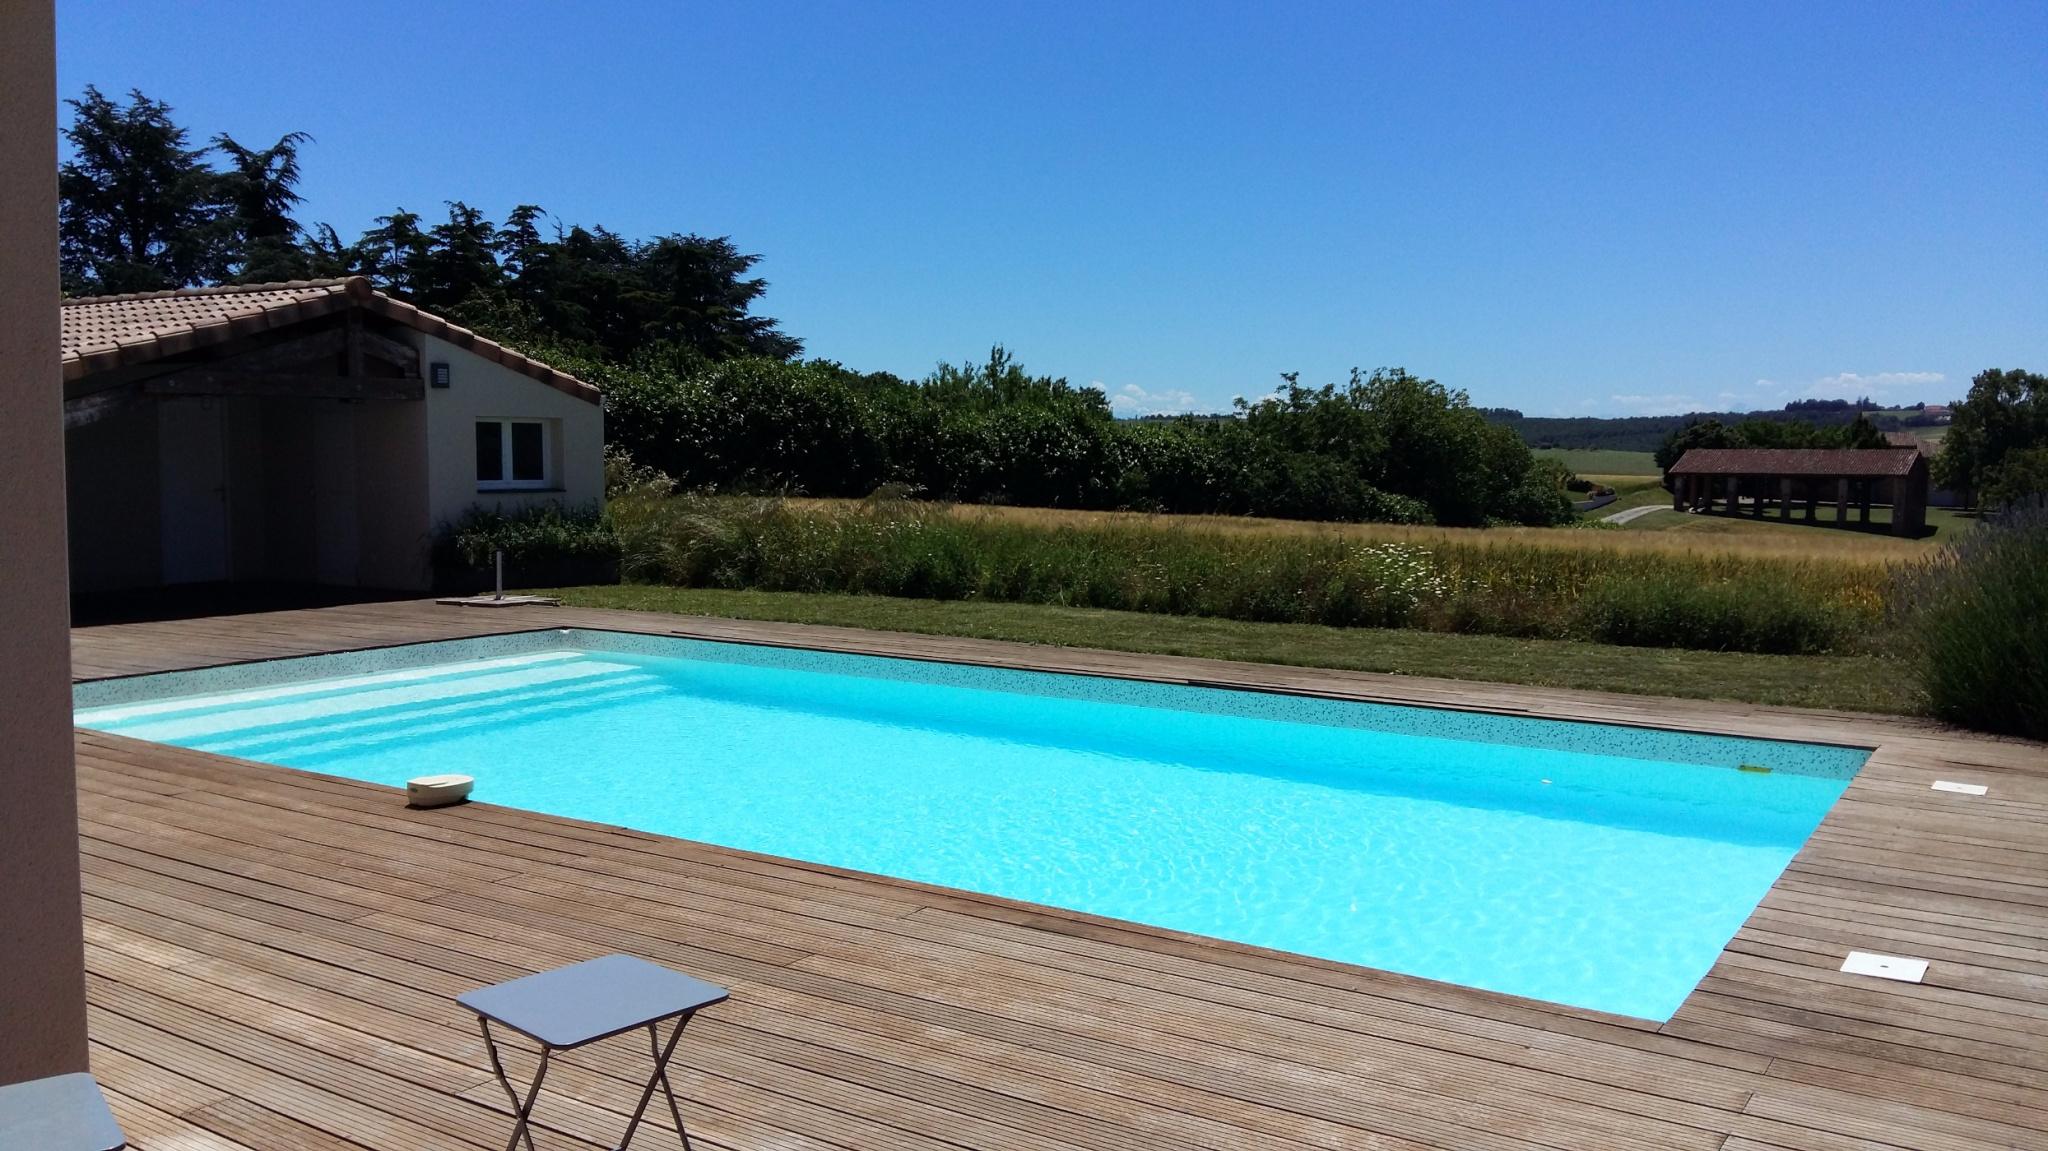 vente belle maison de type t5 moderne avec piscine et jolie vue. Black Bedroom Furniture Sets. Home Design Ideas